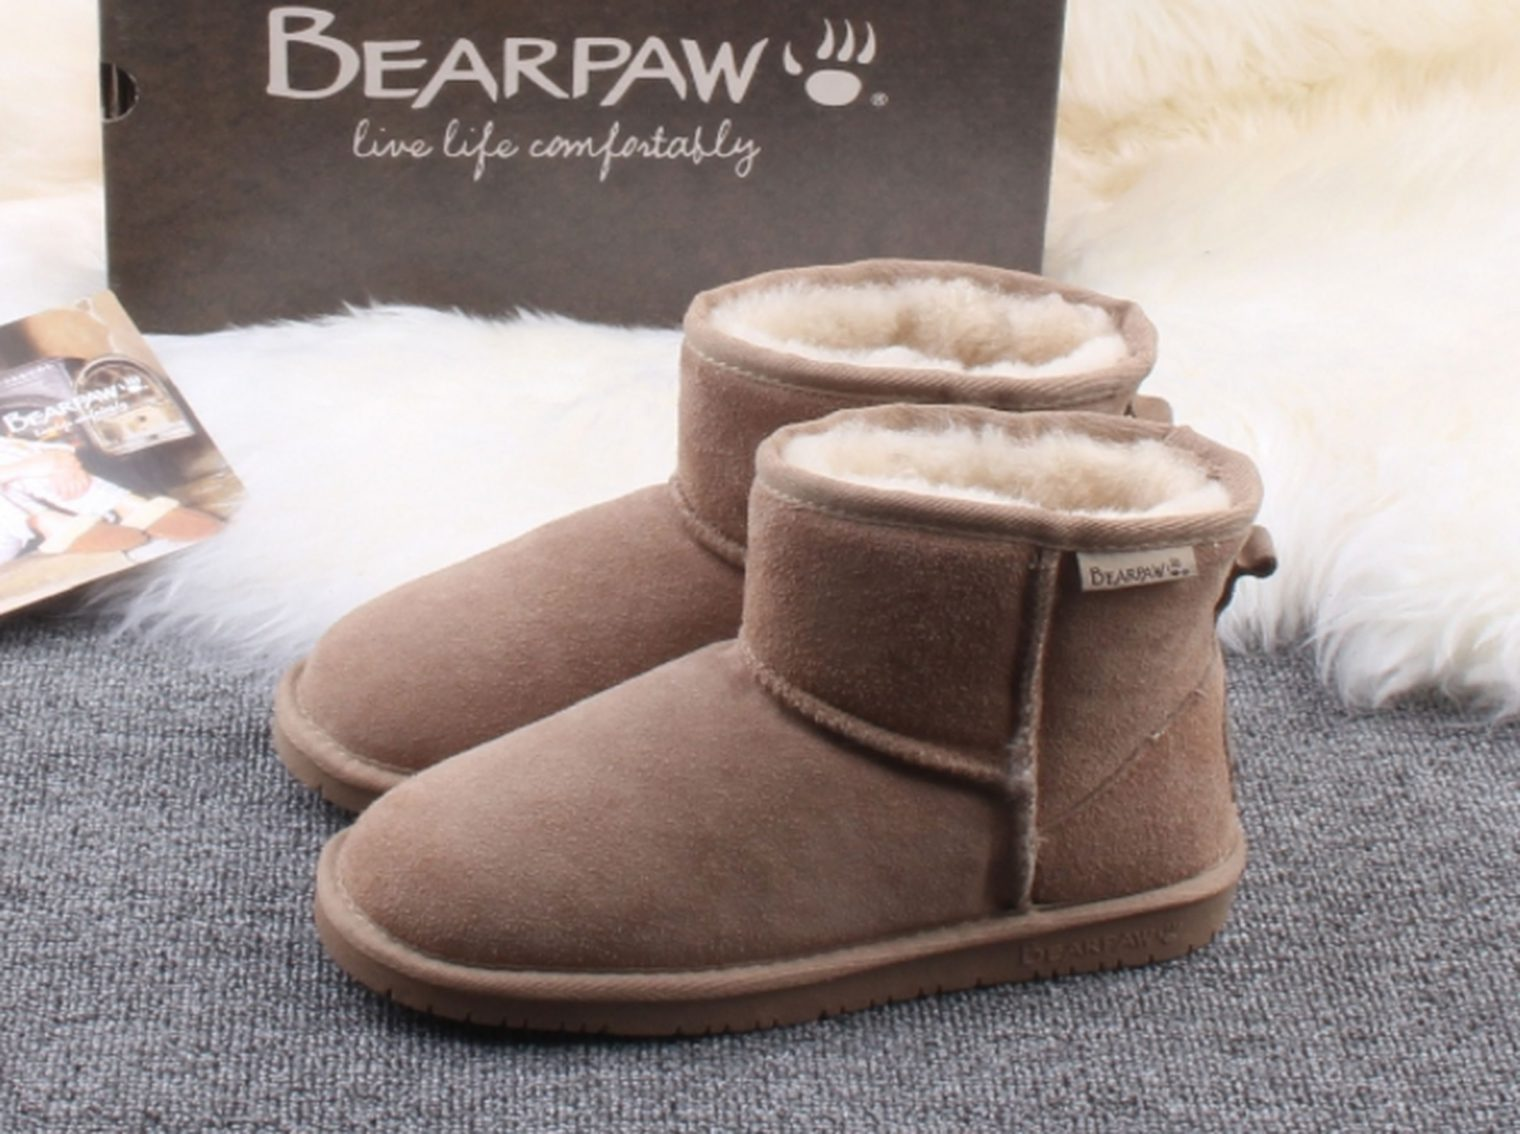 zimnie-nizkie-kozhanye-uggi-bearpaw-5